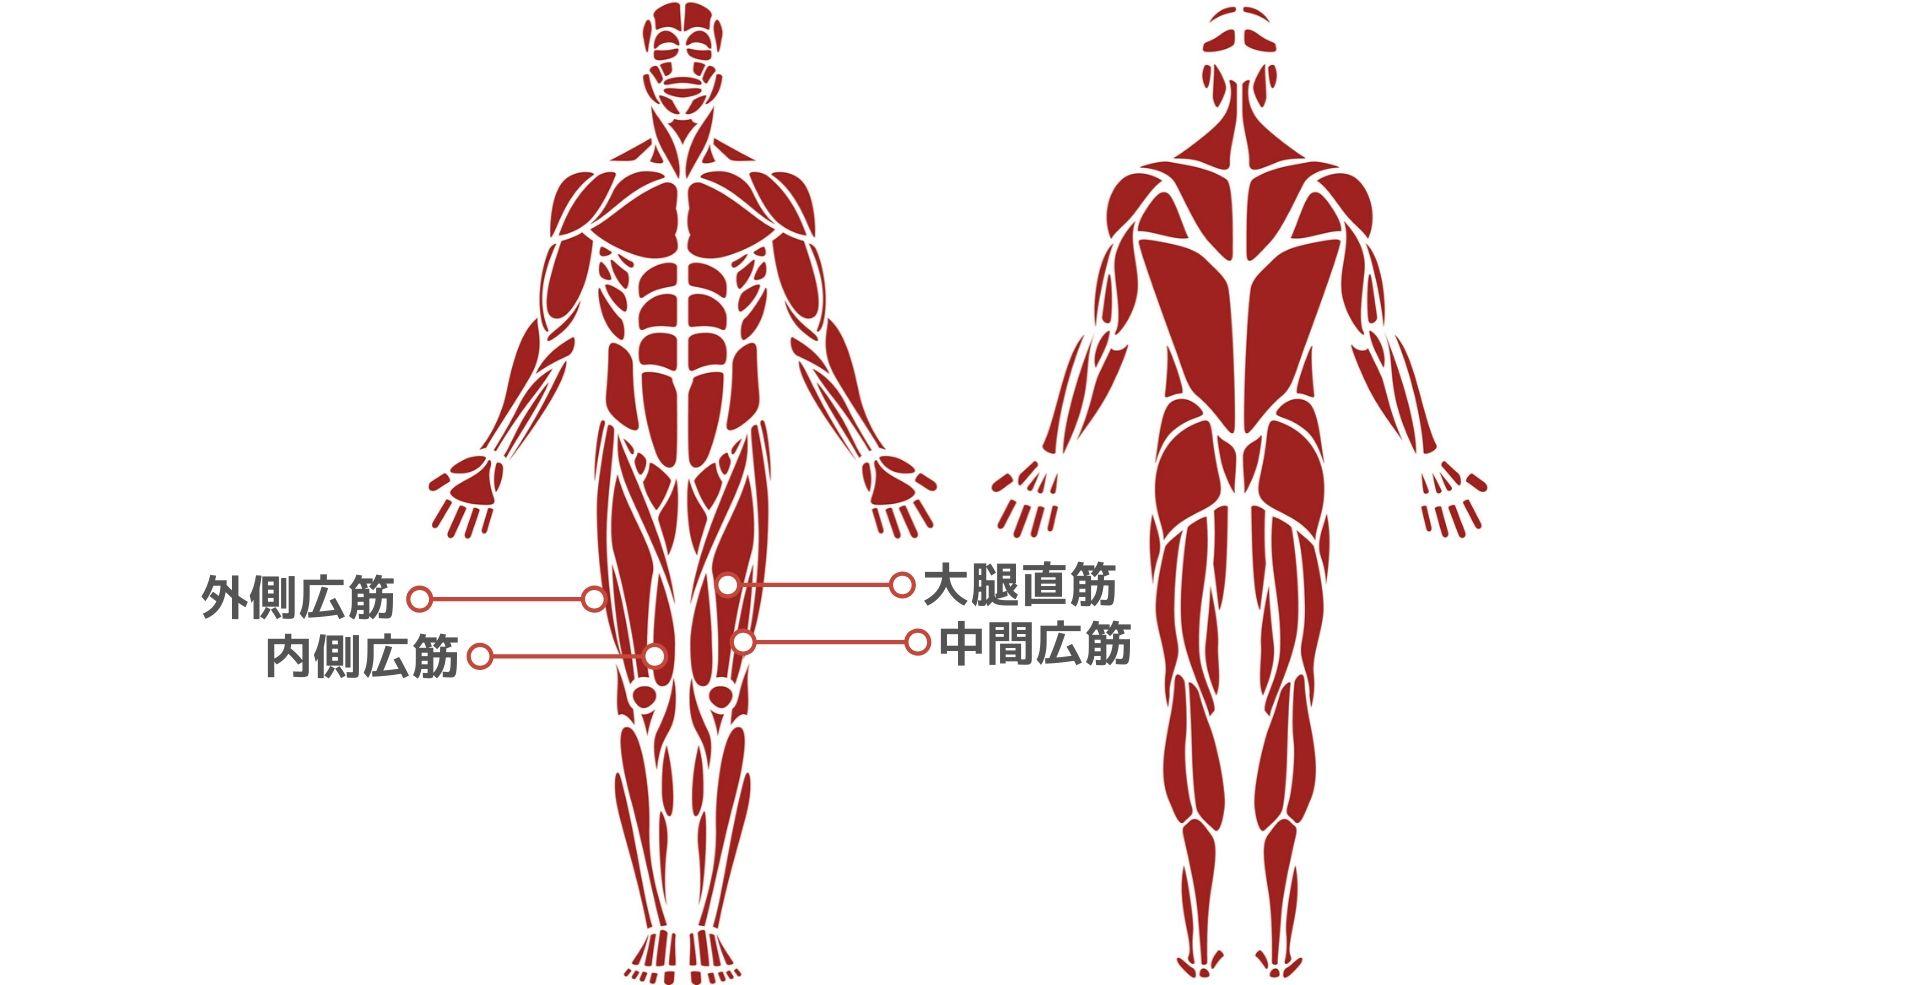 筋トレ初心者向け「下半身」の筋肉解説│大臀筋、大腿四頭筋、ハム ...